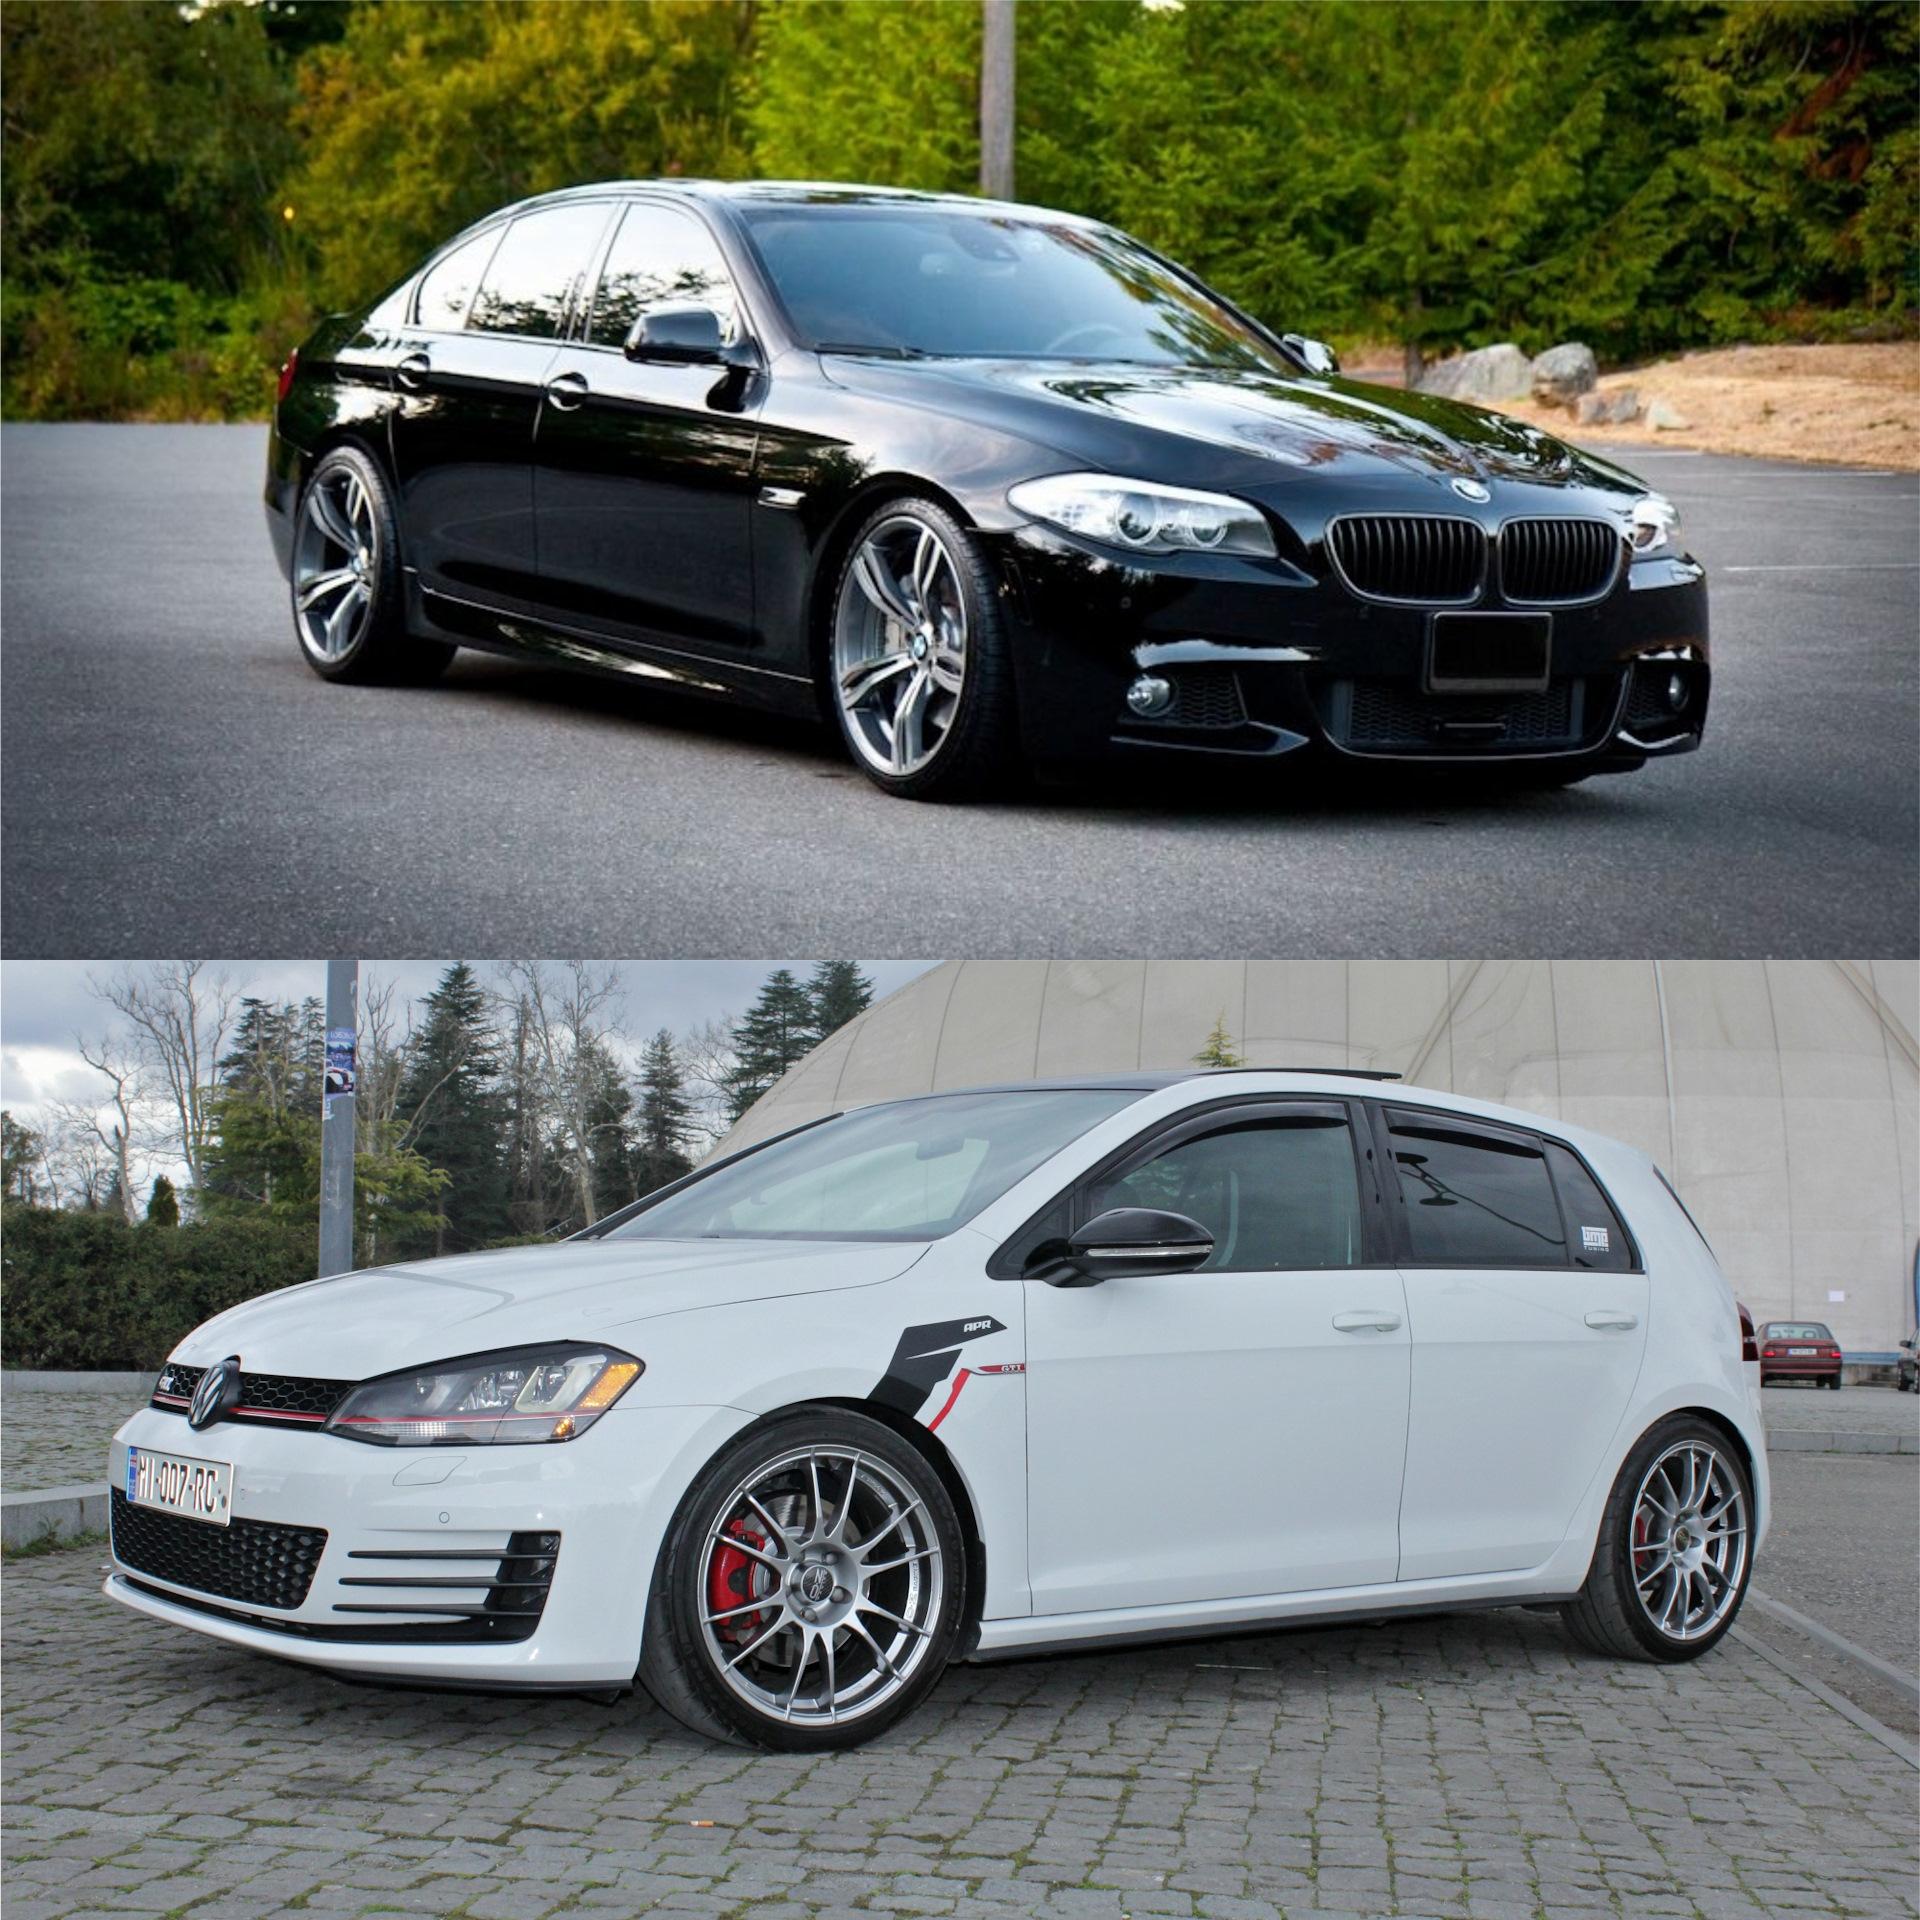 VW MK7 GTI APR IS38 VS BMW F10 550 4 4 Biturbo — Volkswagen Golf GTI